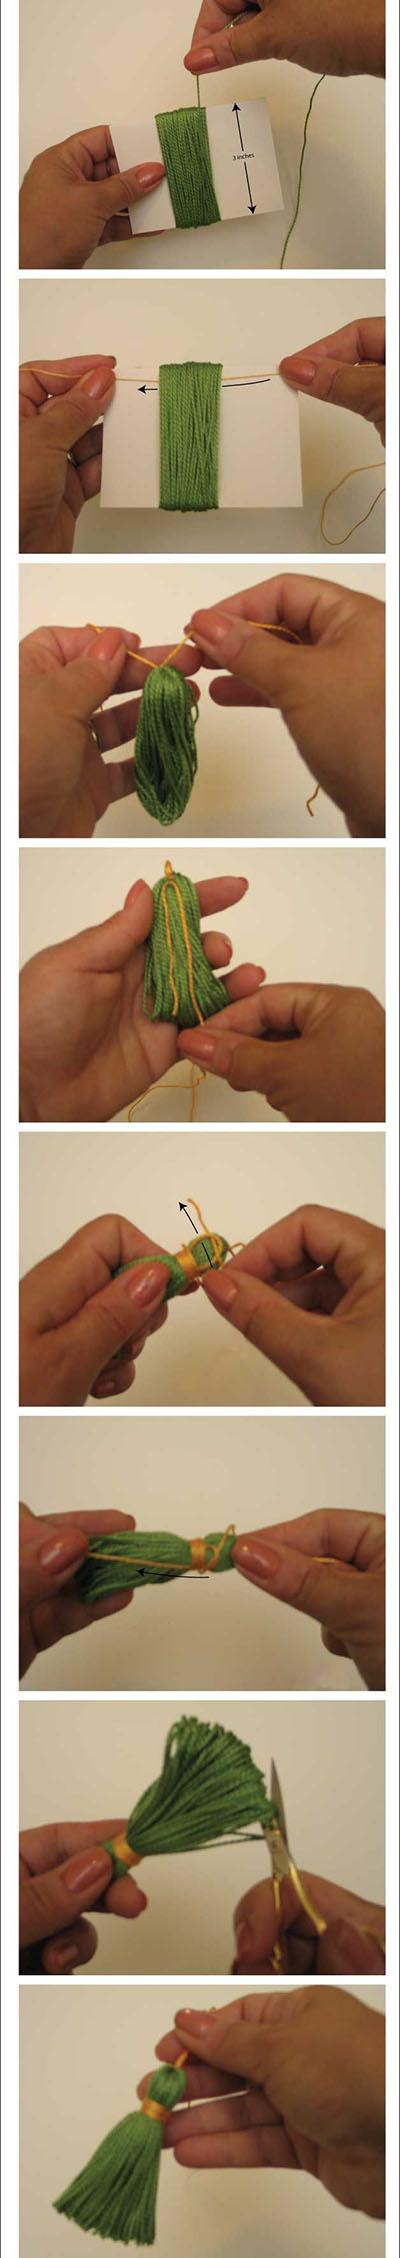 6 How to make a tassel d7df0e3b